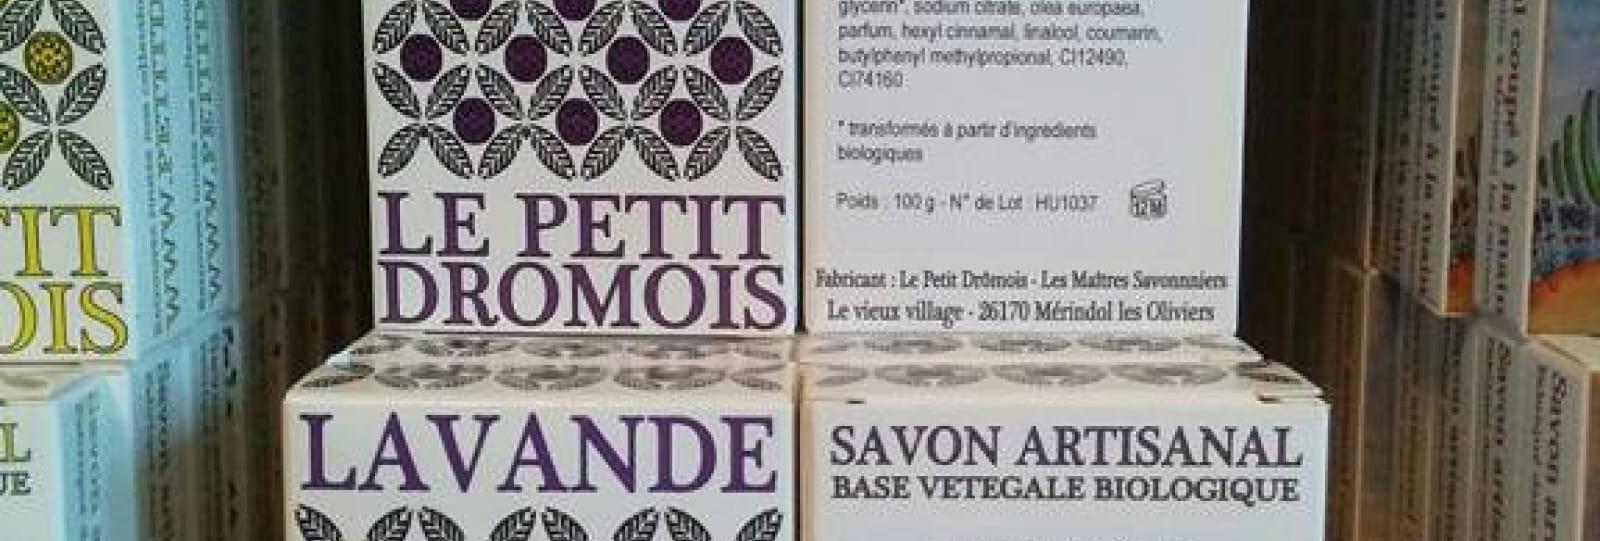 Savonnerie Le Petit Drômois